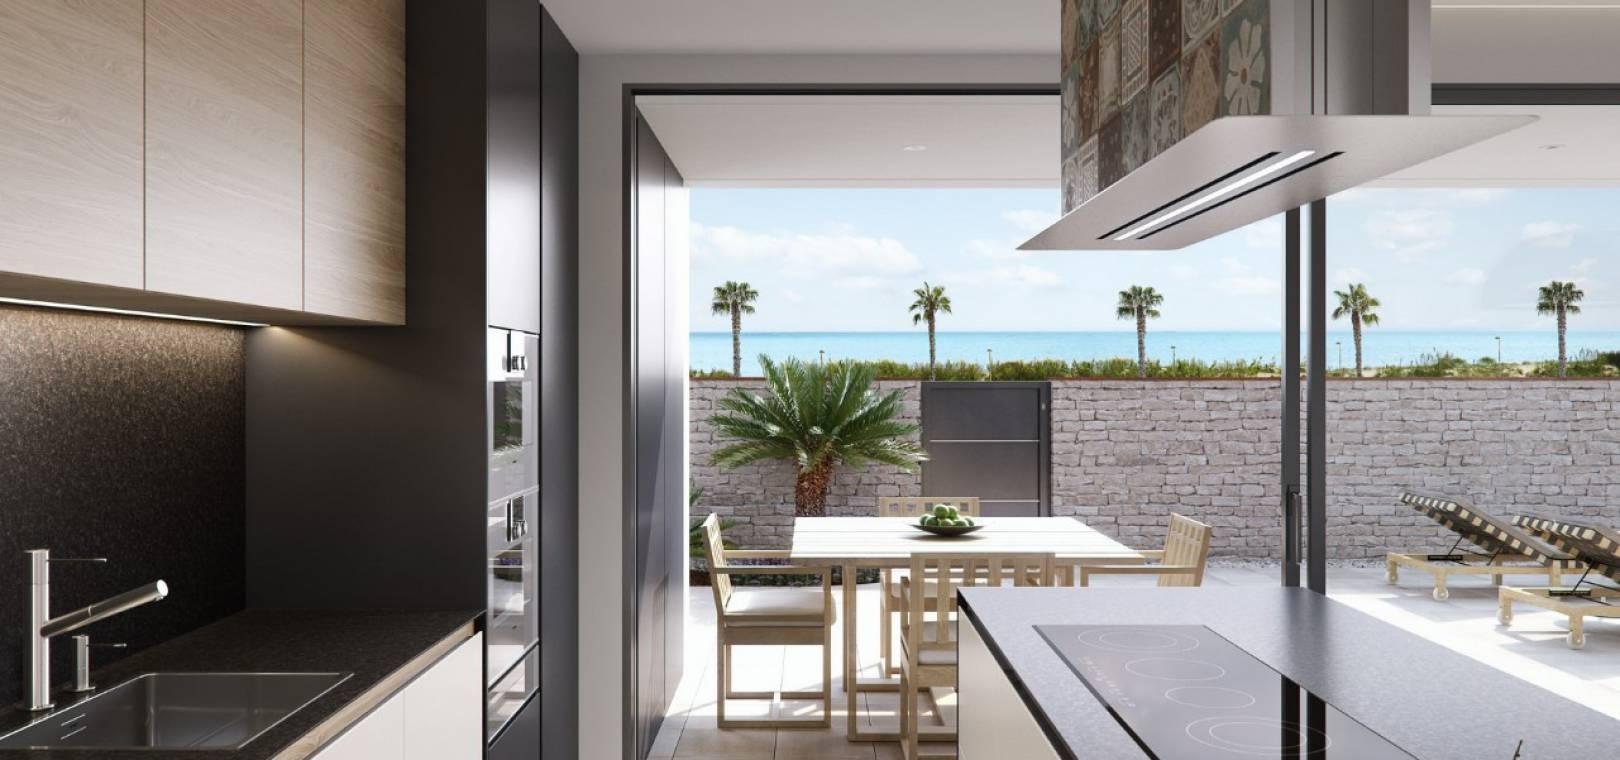 Torre_de_la_Horadada_New_Build_Luxury_Villas_For_Sale_nsp257_14